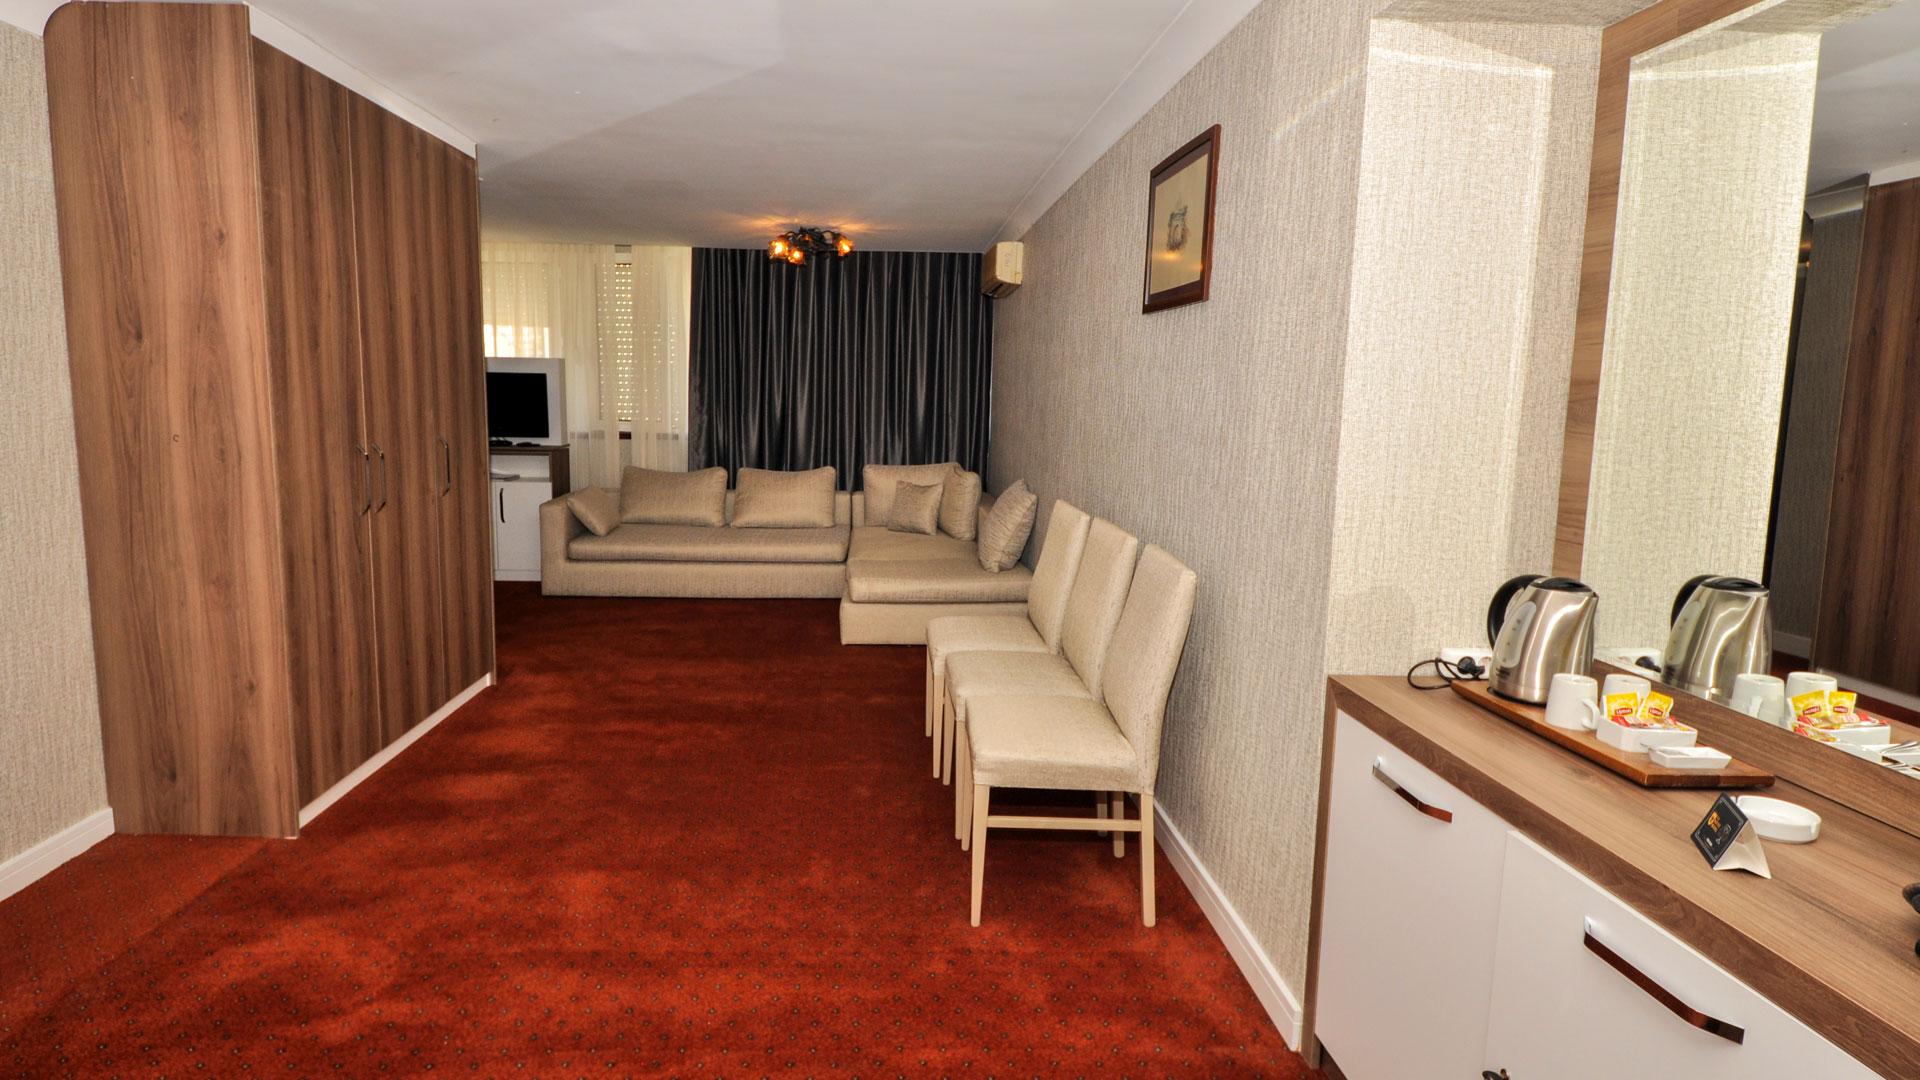 http://gurkenthotel.com/wp-content/uploads/executive-4.jpg